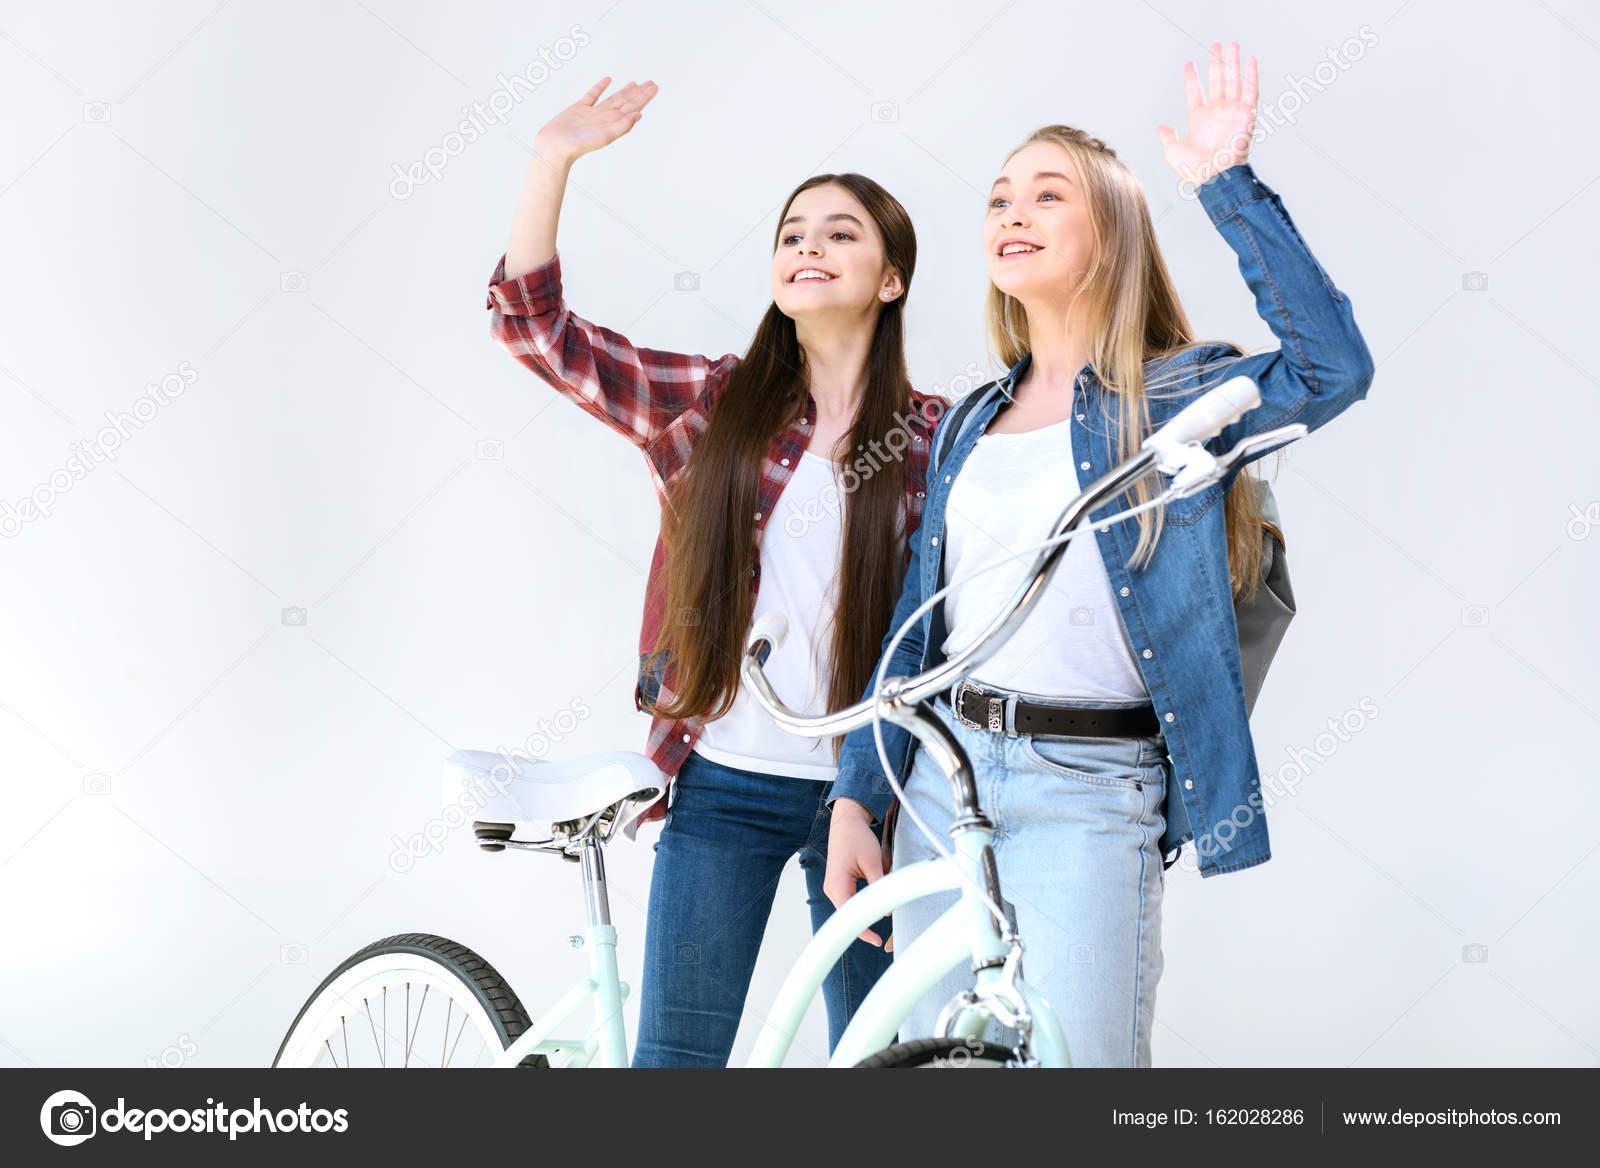 46159d103 Adolescentes sonrientes saludando a un amigo– imagen de stock